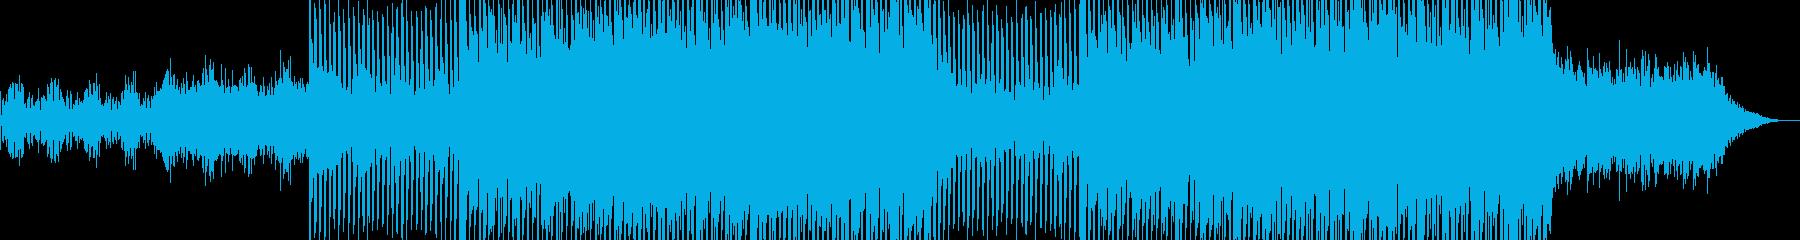 ポップなクラブ系ダンスEDM-05の再生済みの波形